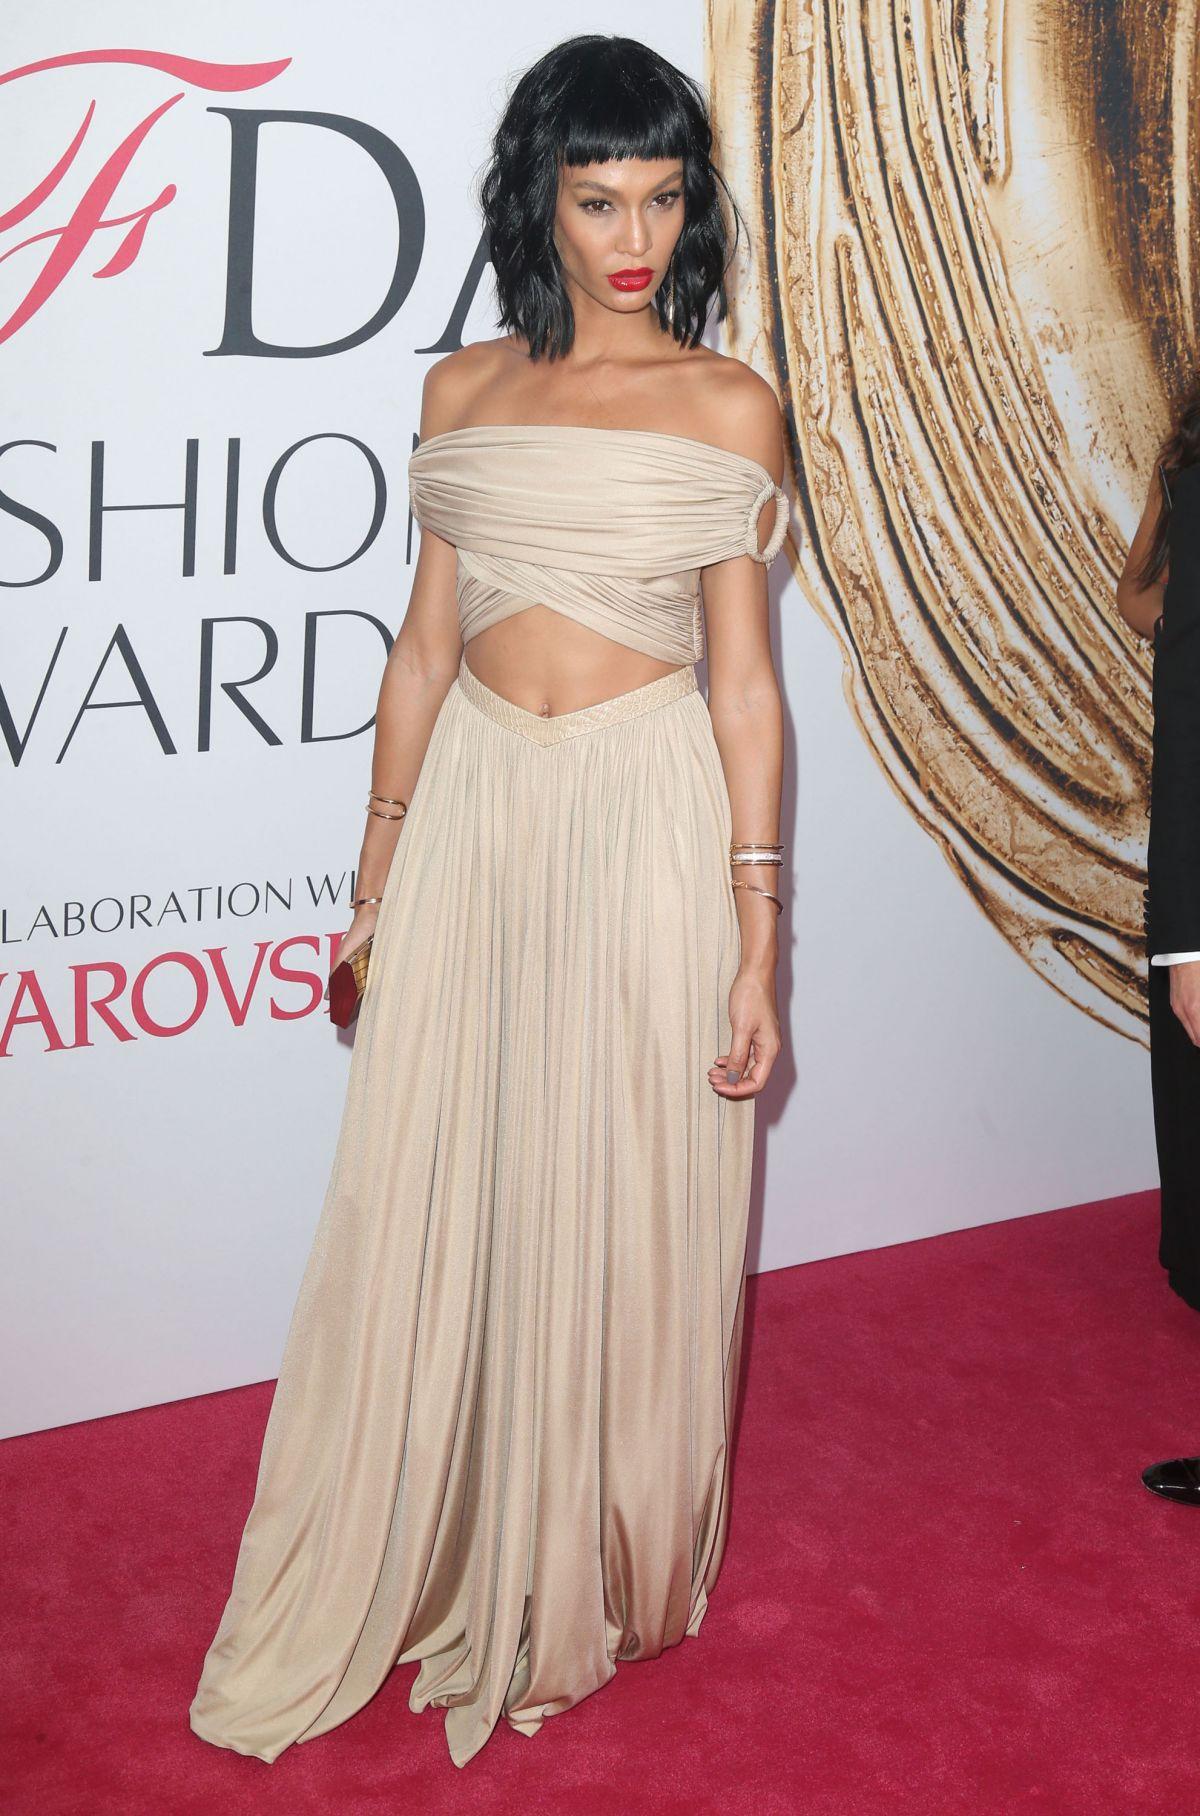 JOAN SMALLS at CFDA Fashion Awards in New York 06/06/2016